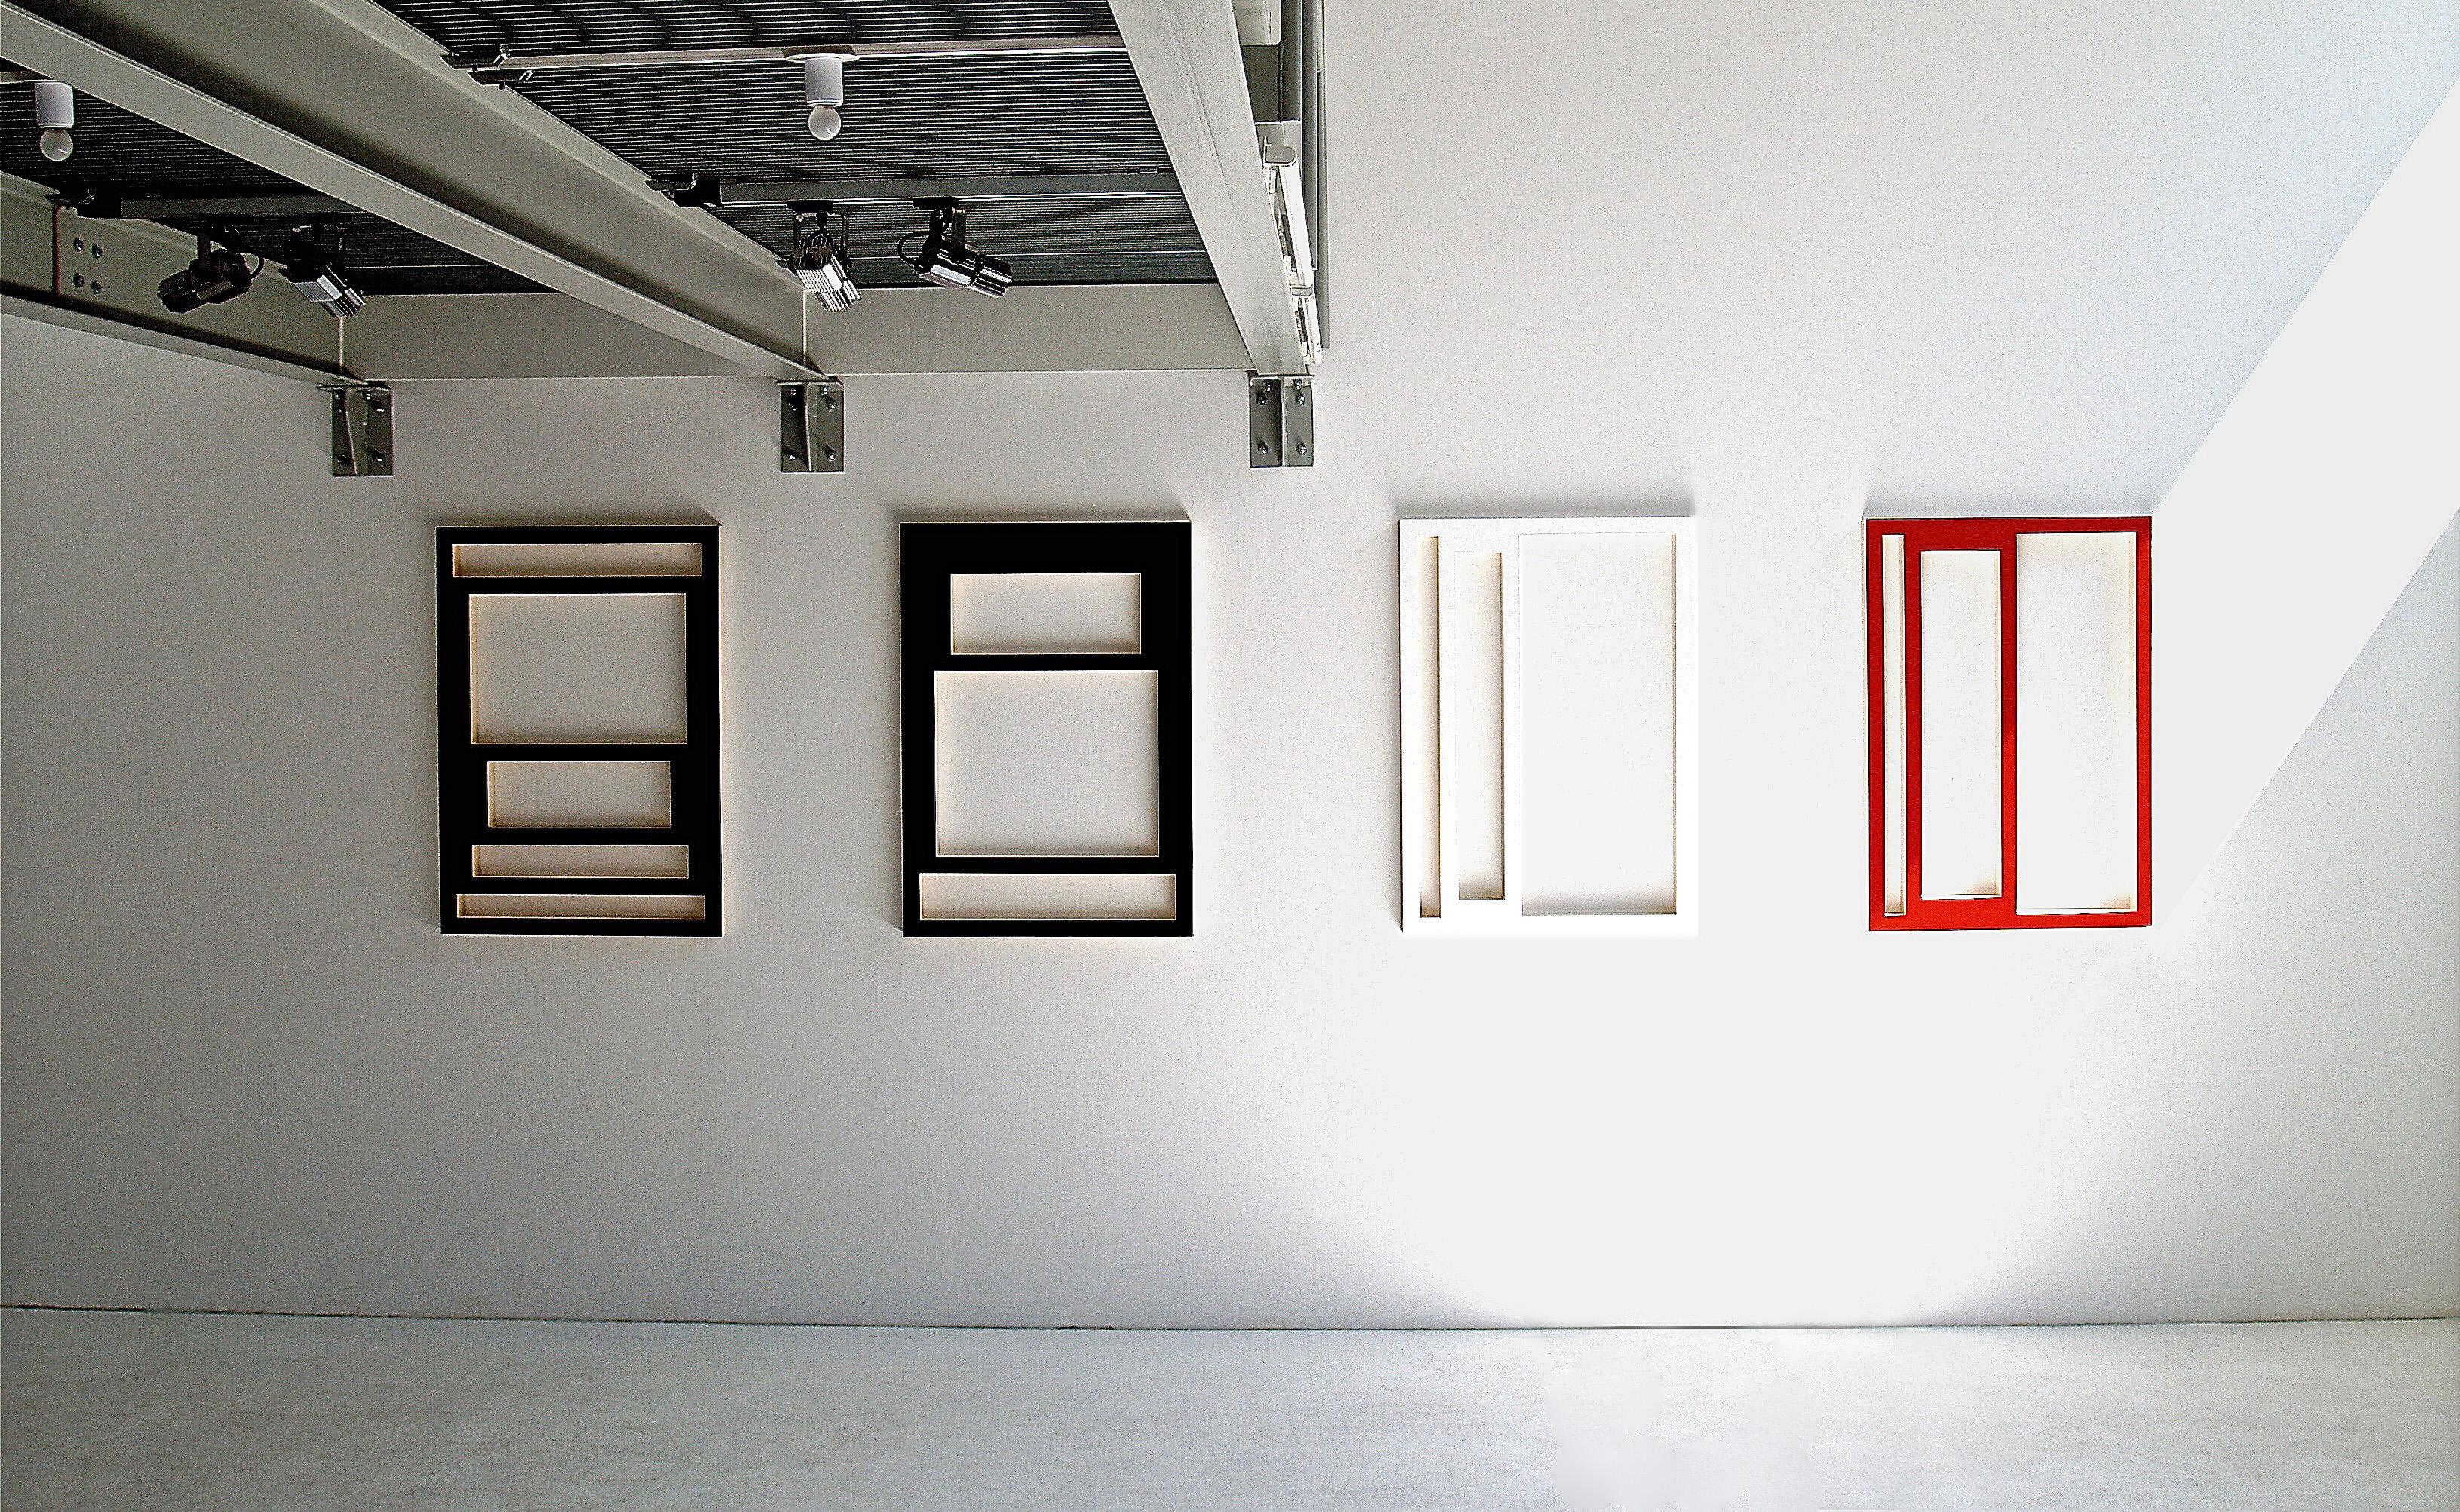 Rahmen / Frames<br>2003, Sperrholz, Acryl / plywood, acrylics;je / each 98x69cm